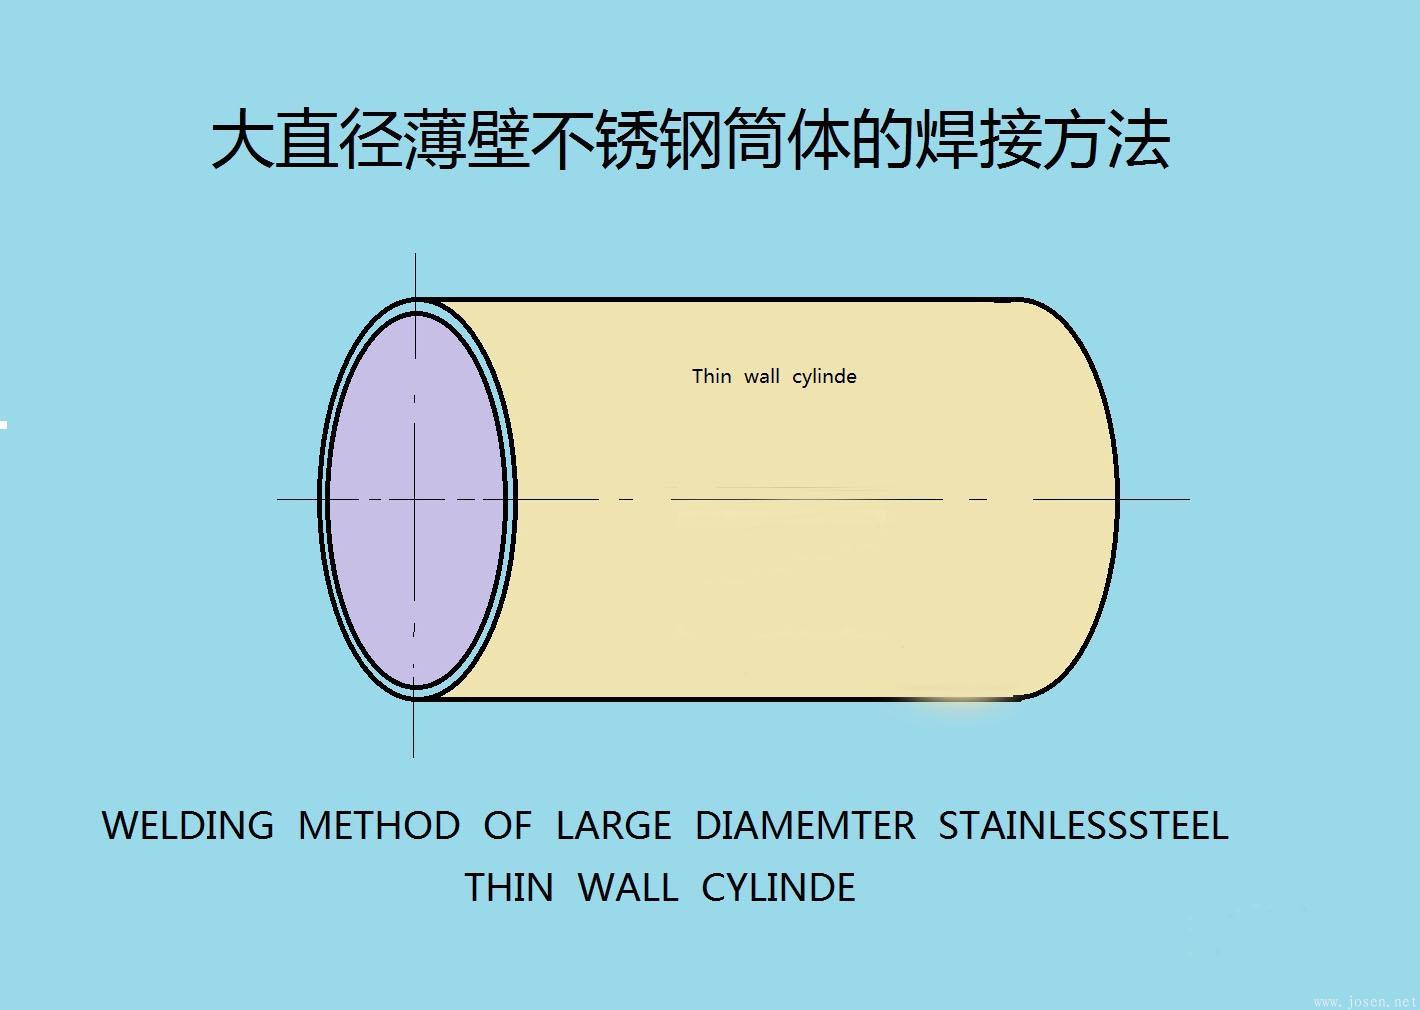 大直径不锈钢薄壁筒体的焊接方法